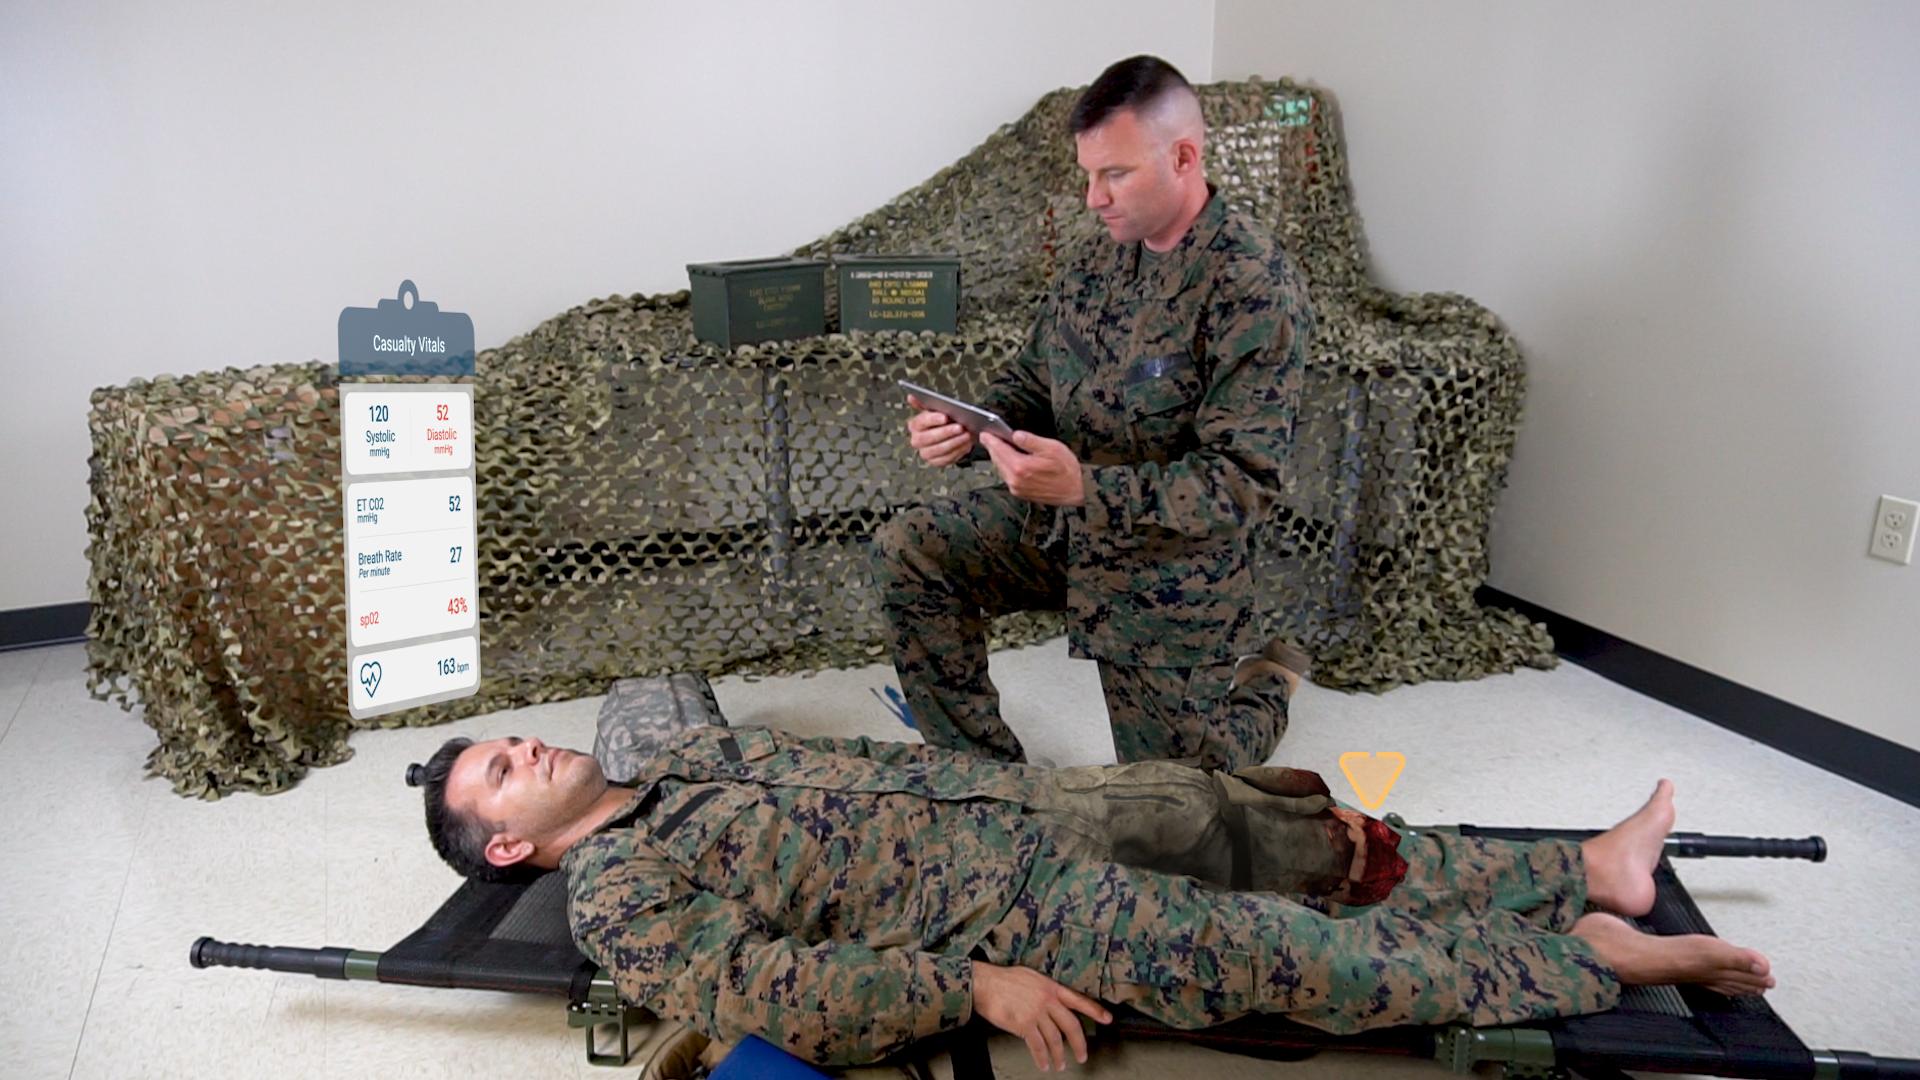 Combat Medic utilizing AUGMED